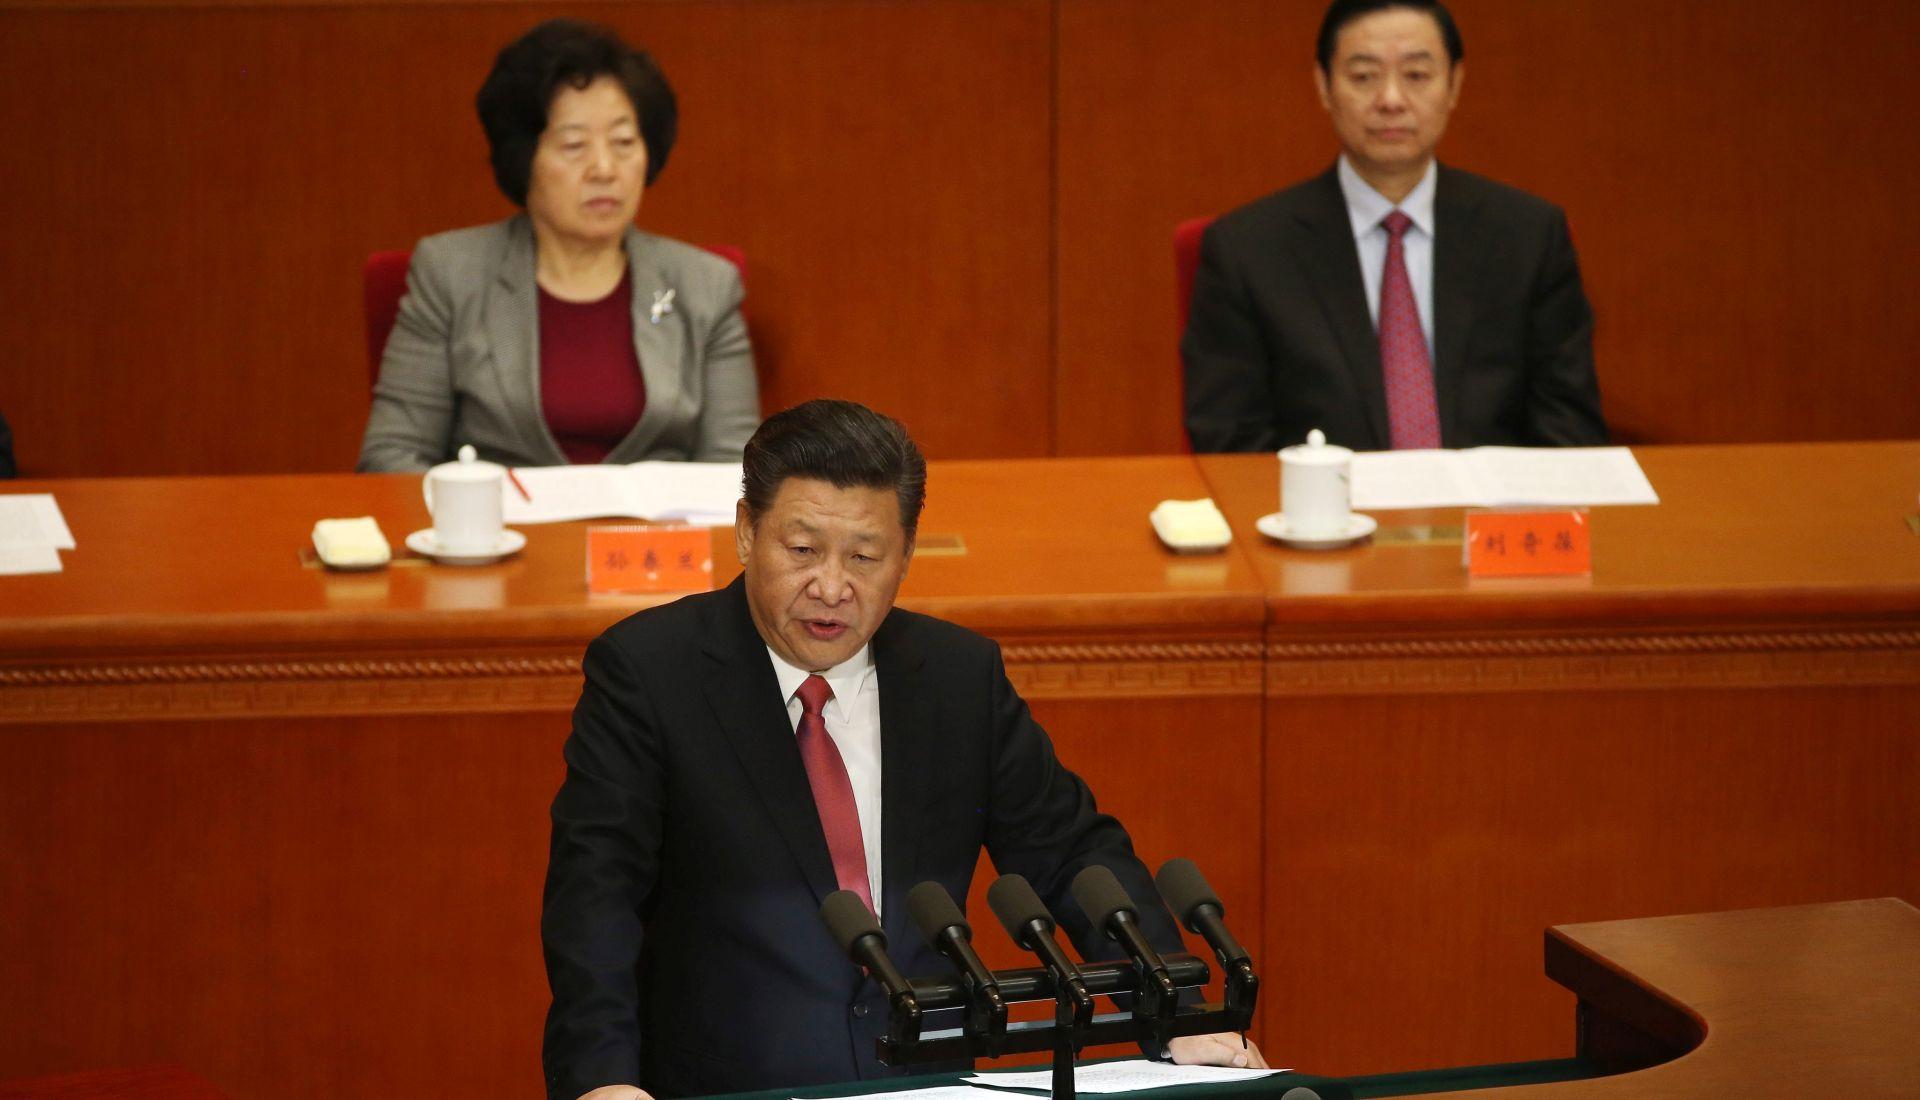 Peking protiv upotrebe sile te za povratak međunarodnom pravu